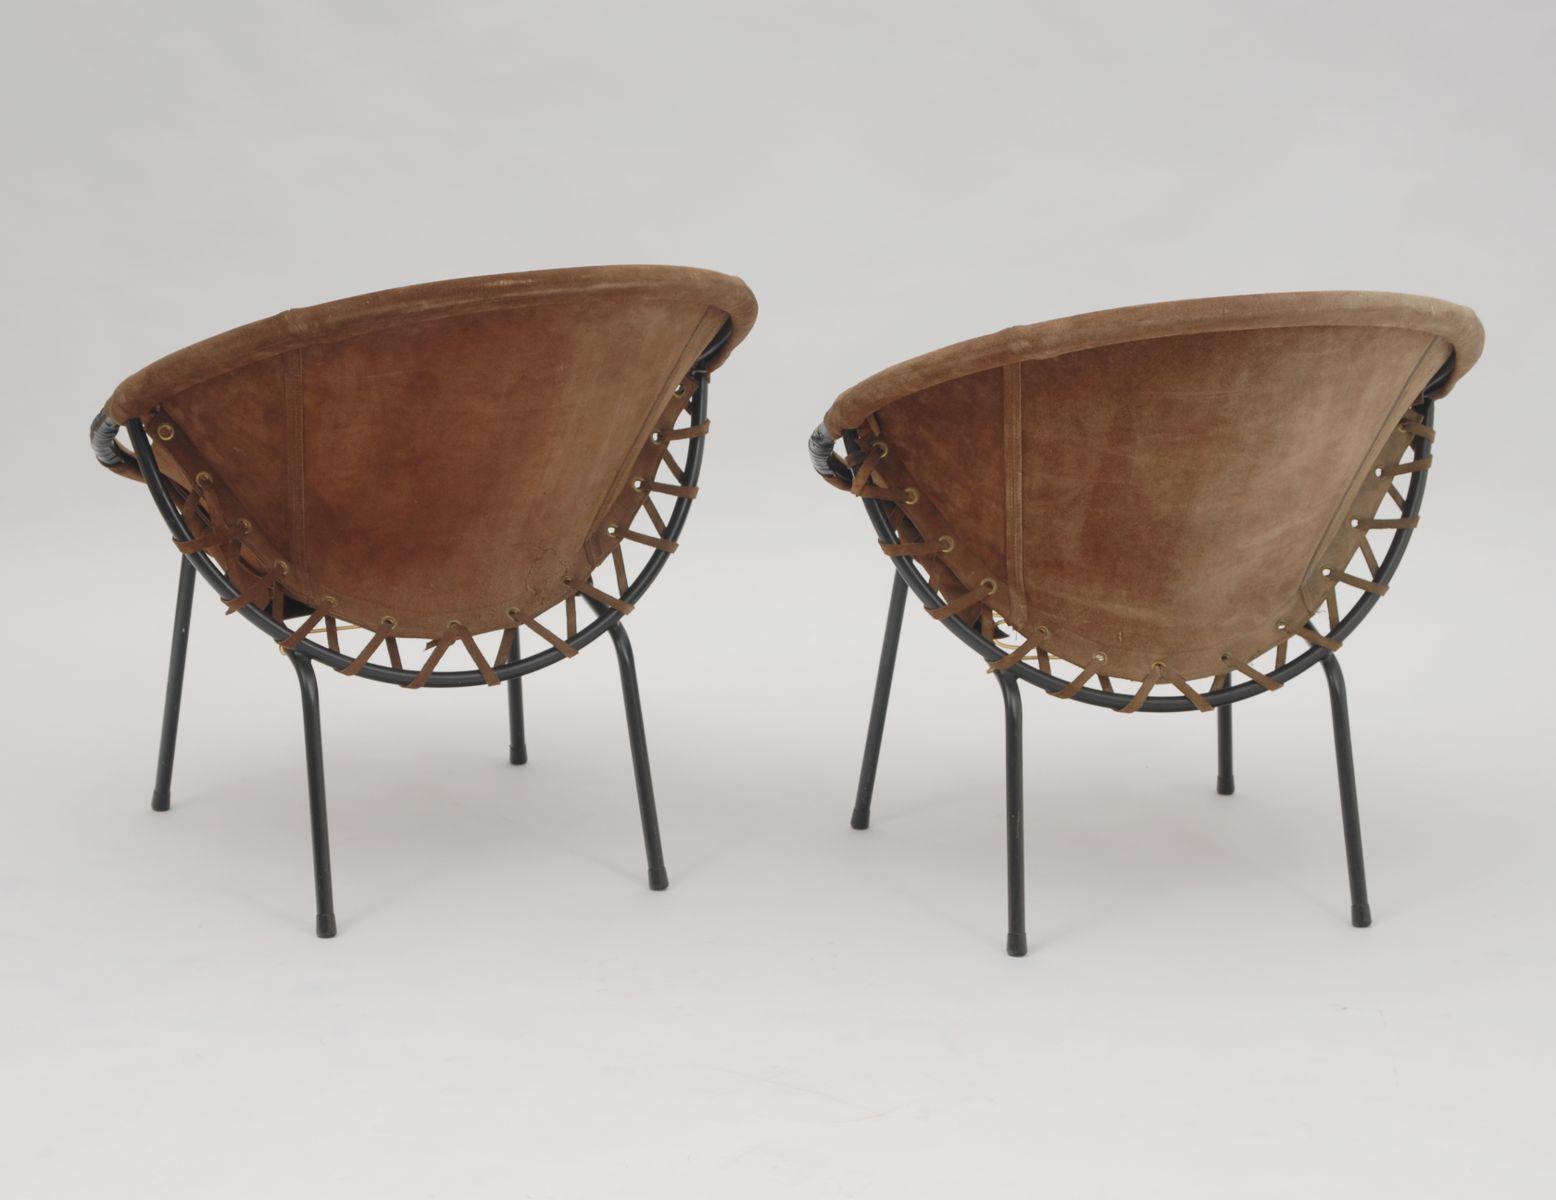 deutsche vintage wildleder st hle von lusch 1960er bei pamono kaufen. Black Bedroom Furniture Sets. Home Design Ideas